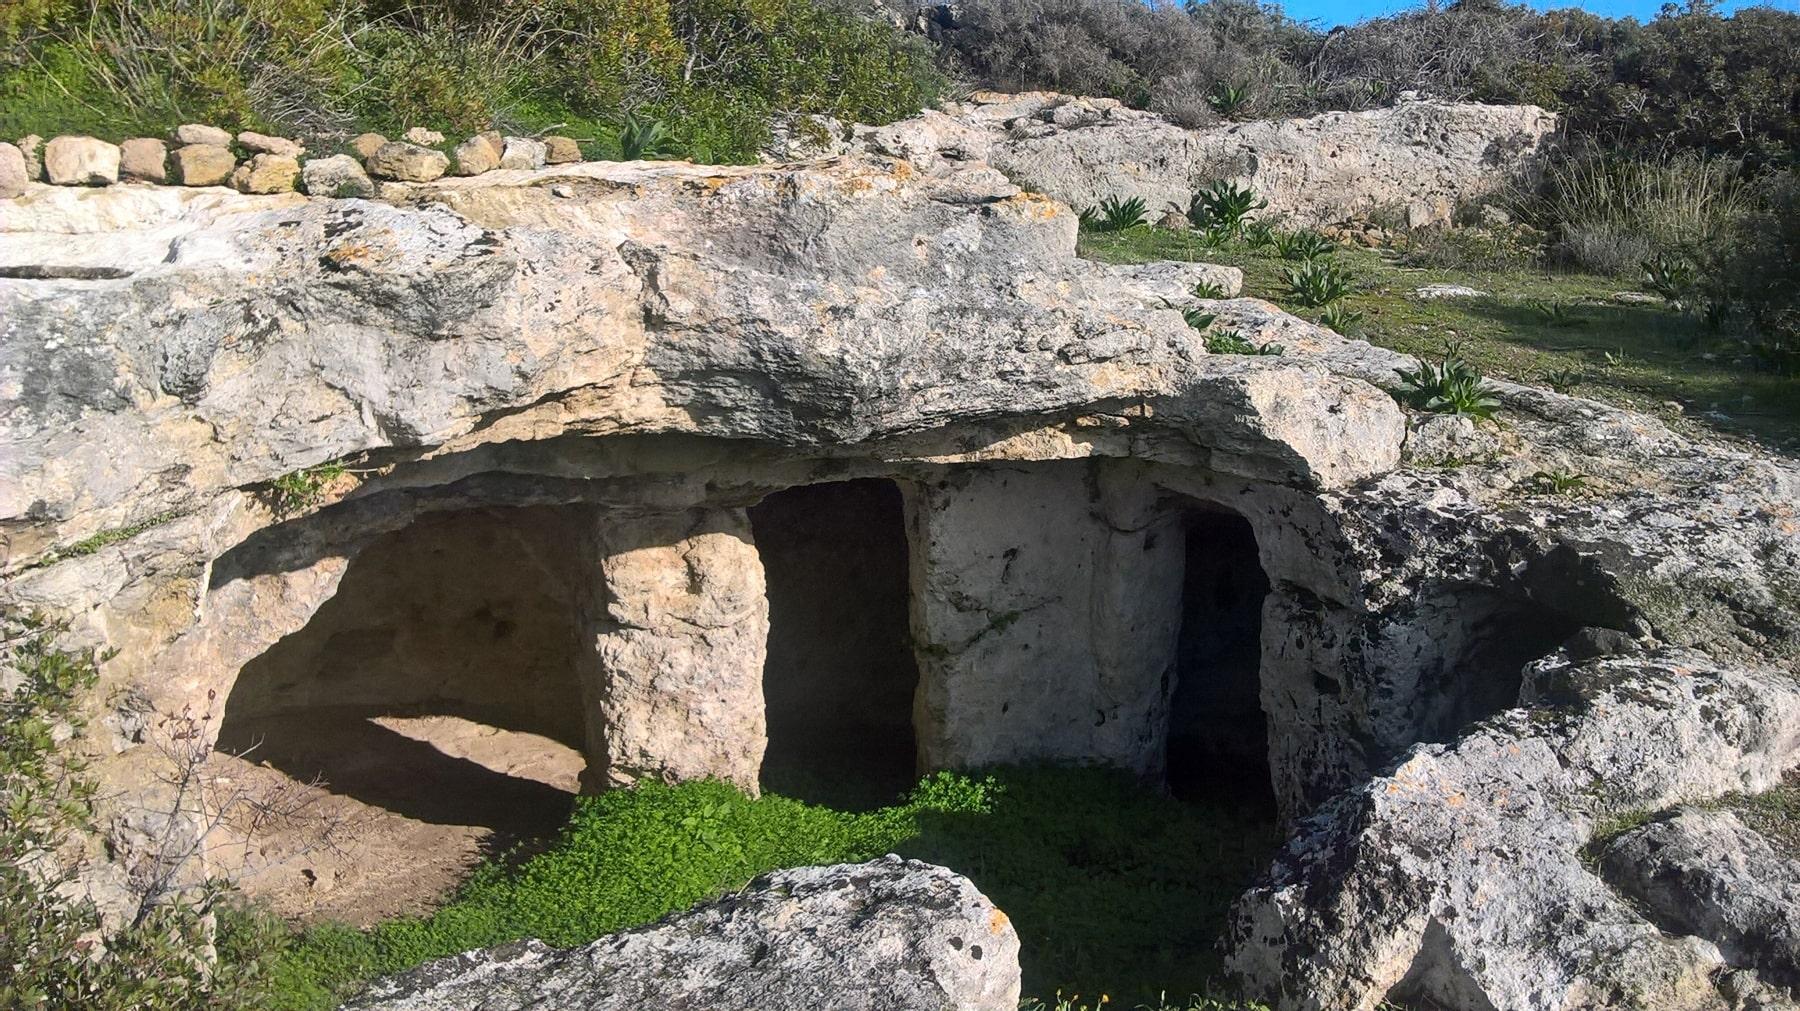 Caves-Palaiopolis-1-1800x1011-min.jpg